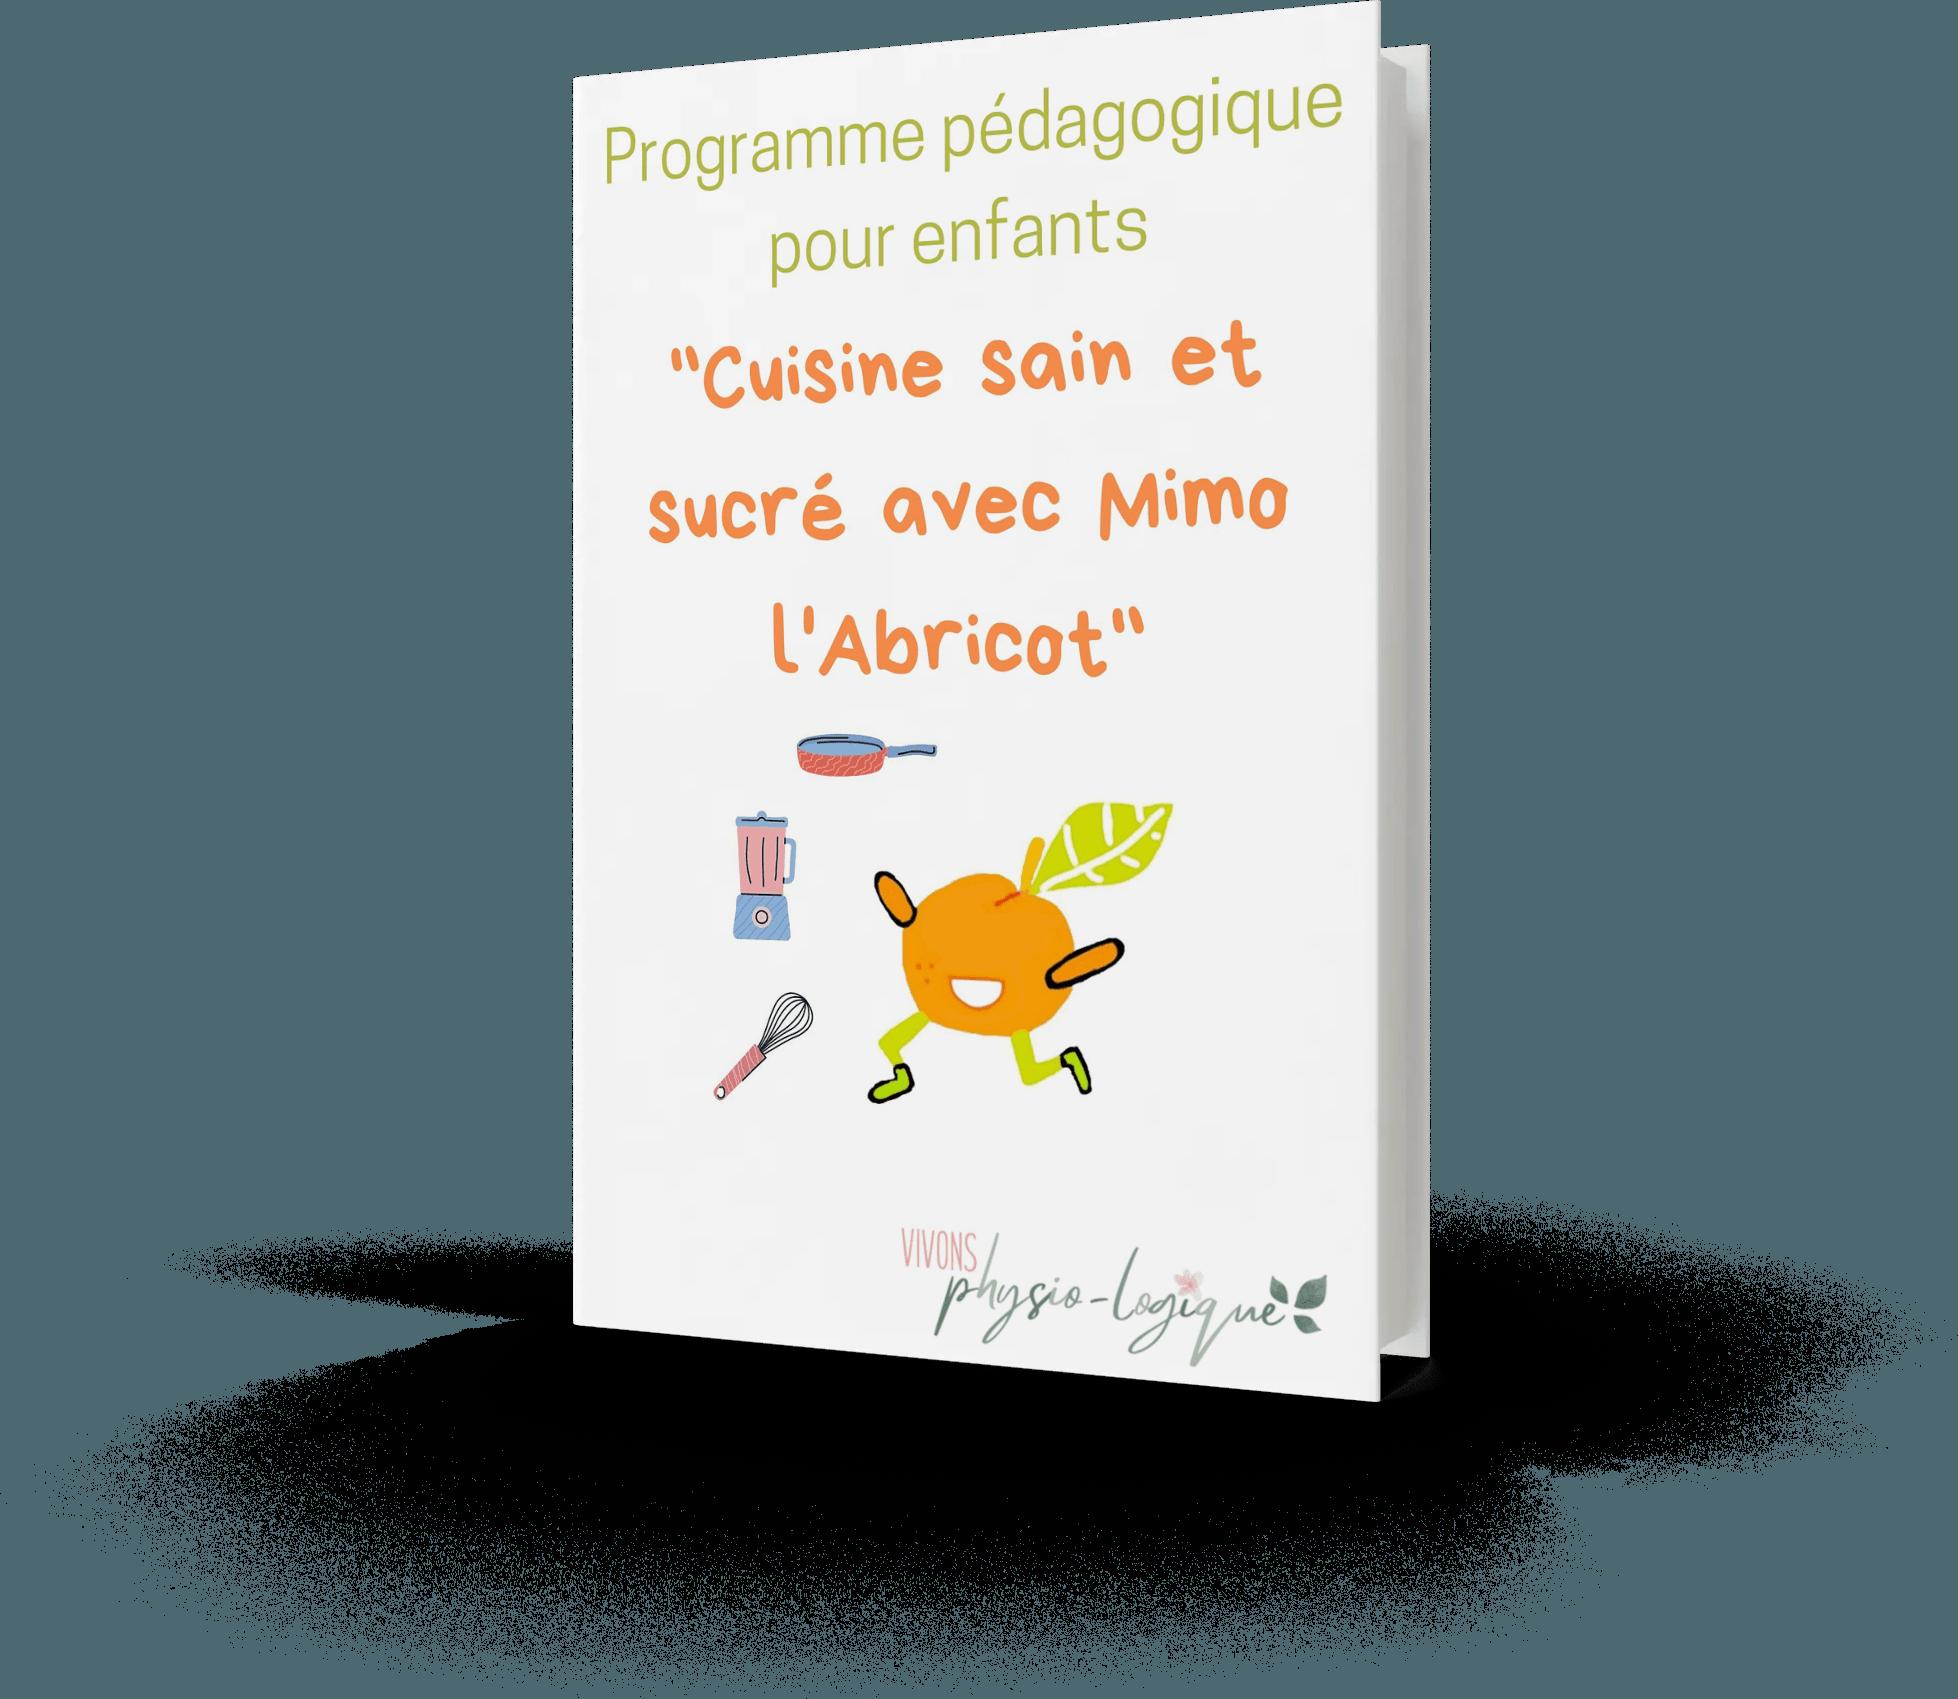 Programme Pédagogique pour enfants ''Cuisine sain et sucré avec Mimo l'Abricot''